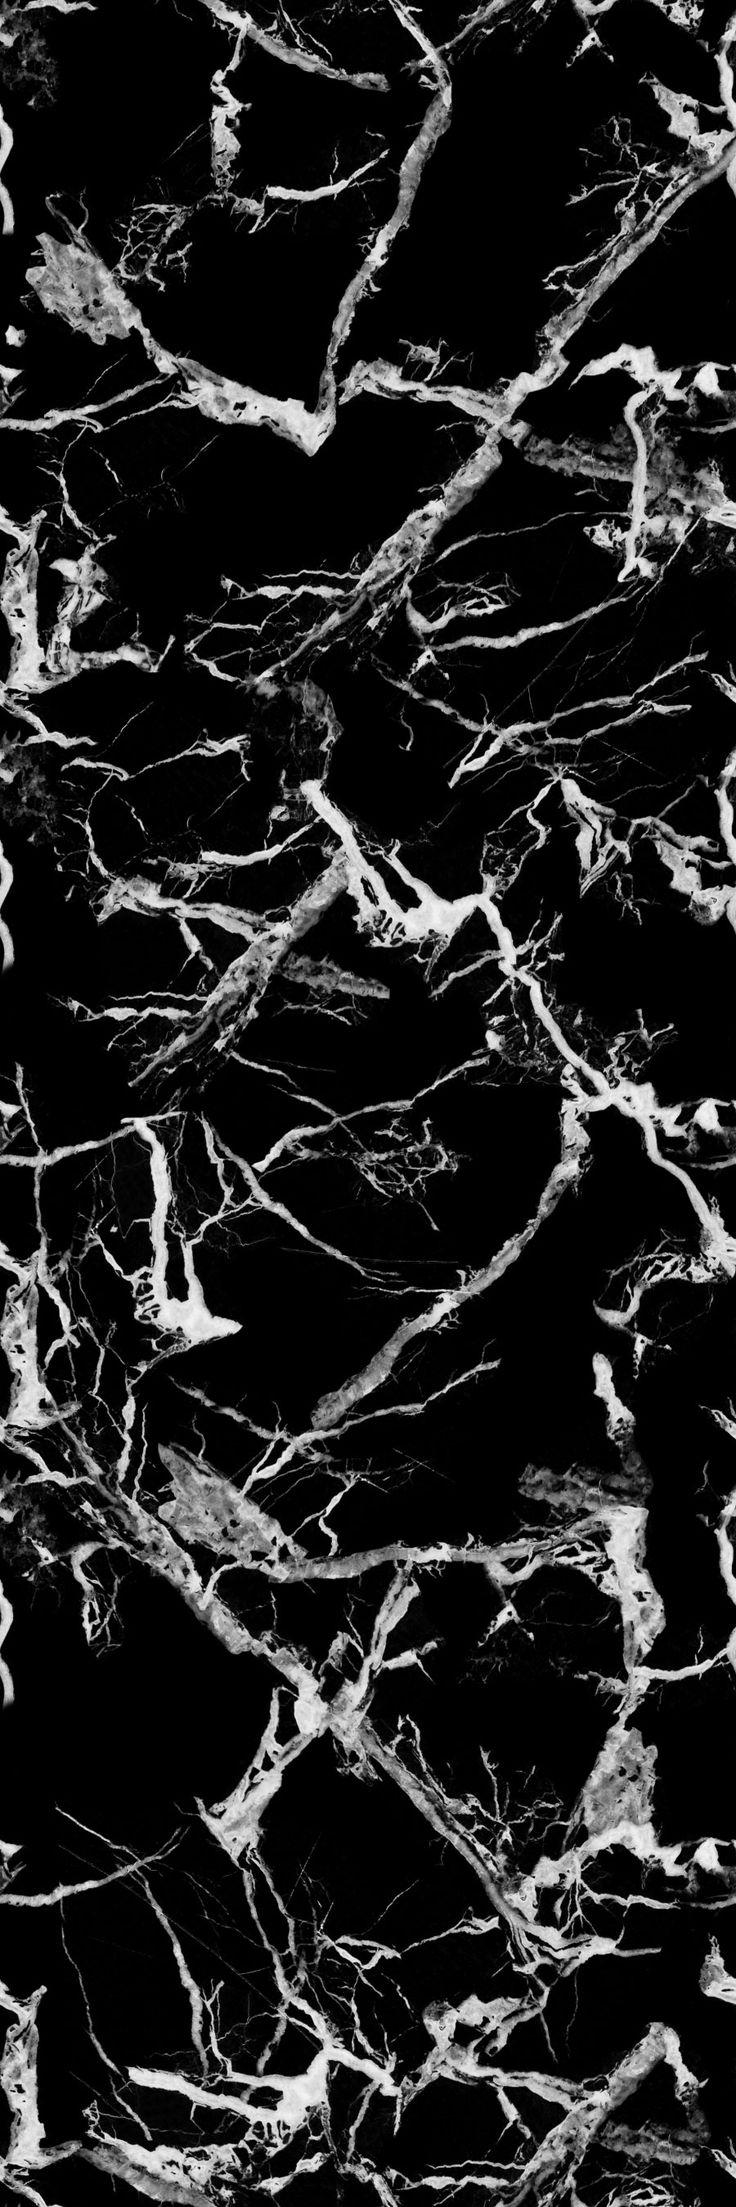 Popular Wallpaper Marble Iphone 6 - dc4afca7862ad83686060330fcc3a00d--black-marble-wallpaper-marble-wallpaper-iphone  Collection_6474100.jpg?resize\u003d618%2C1853\u0026ssl\u003d1